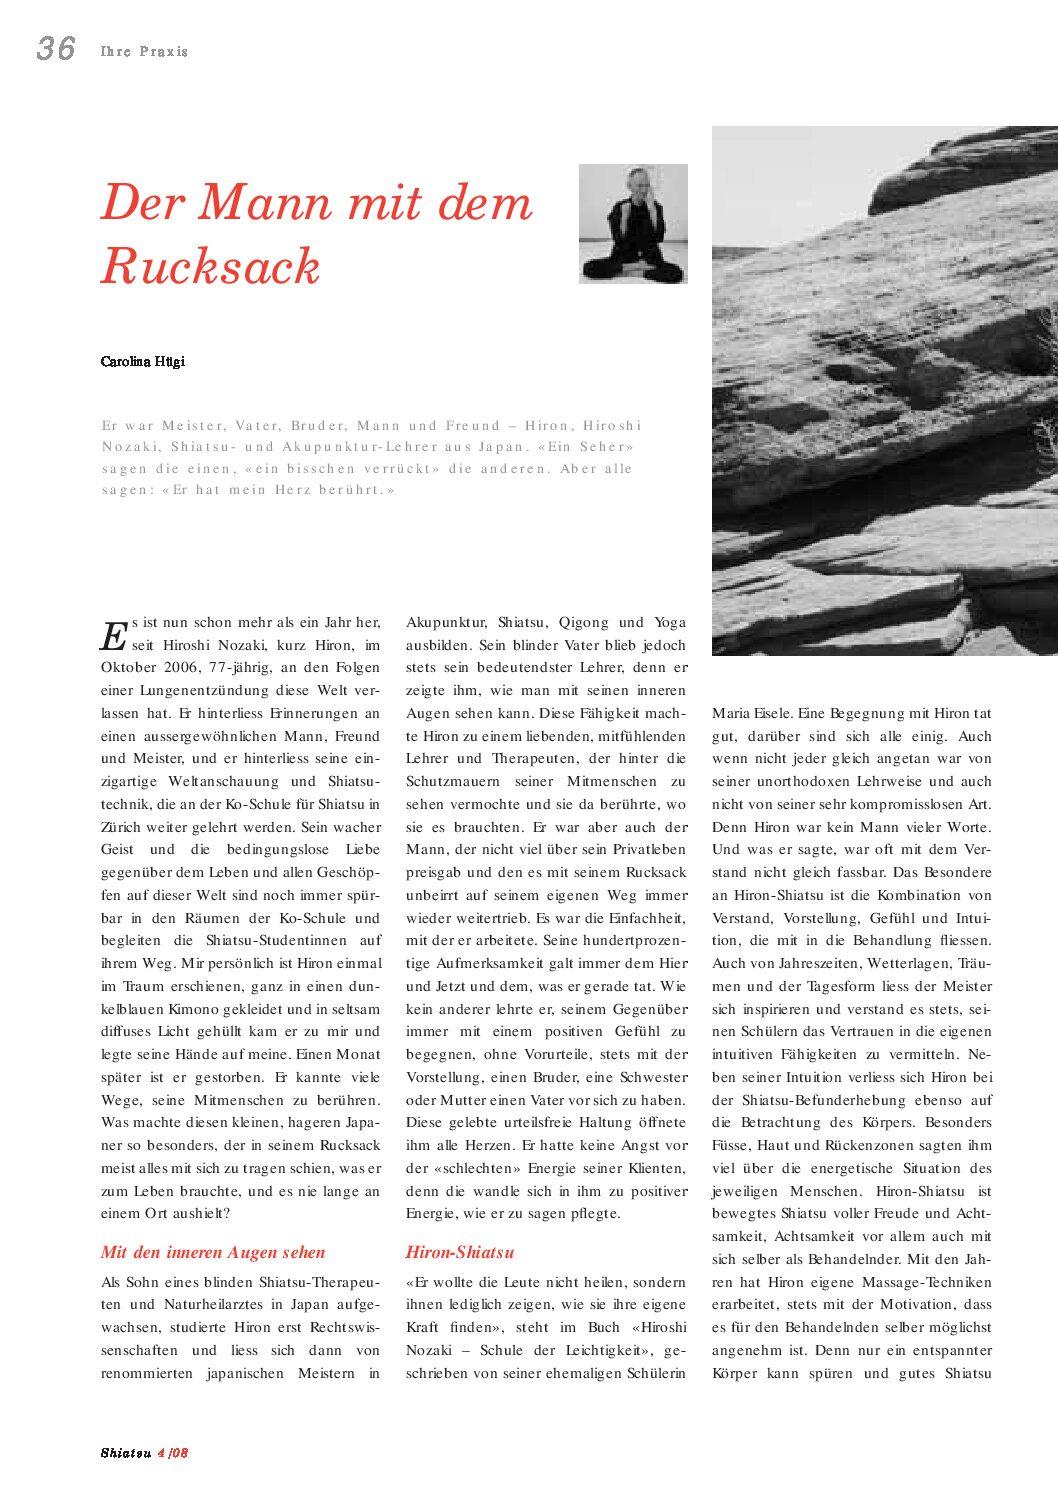 Der Mann mit dem Rucksack (April 2008)